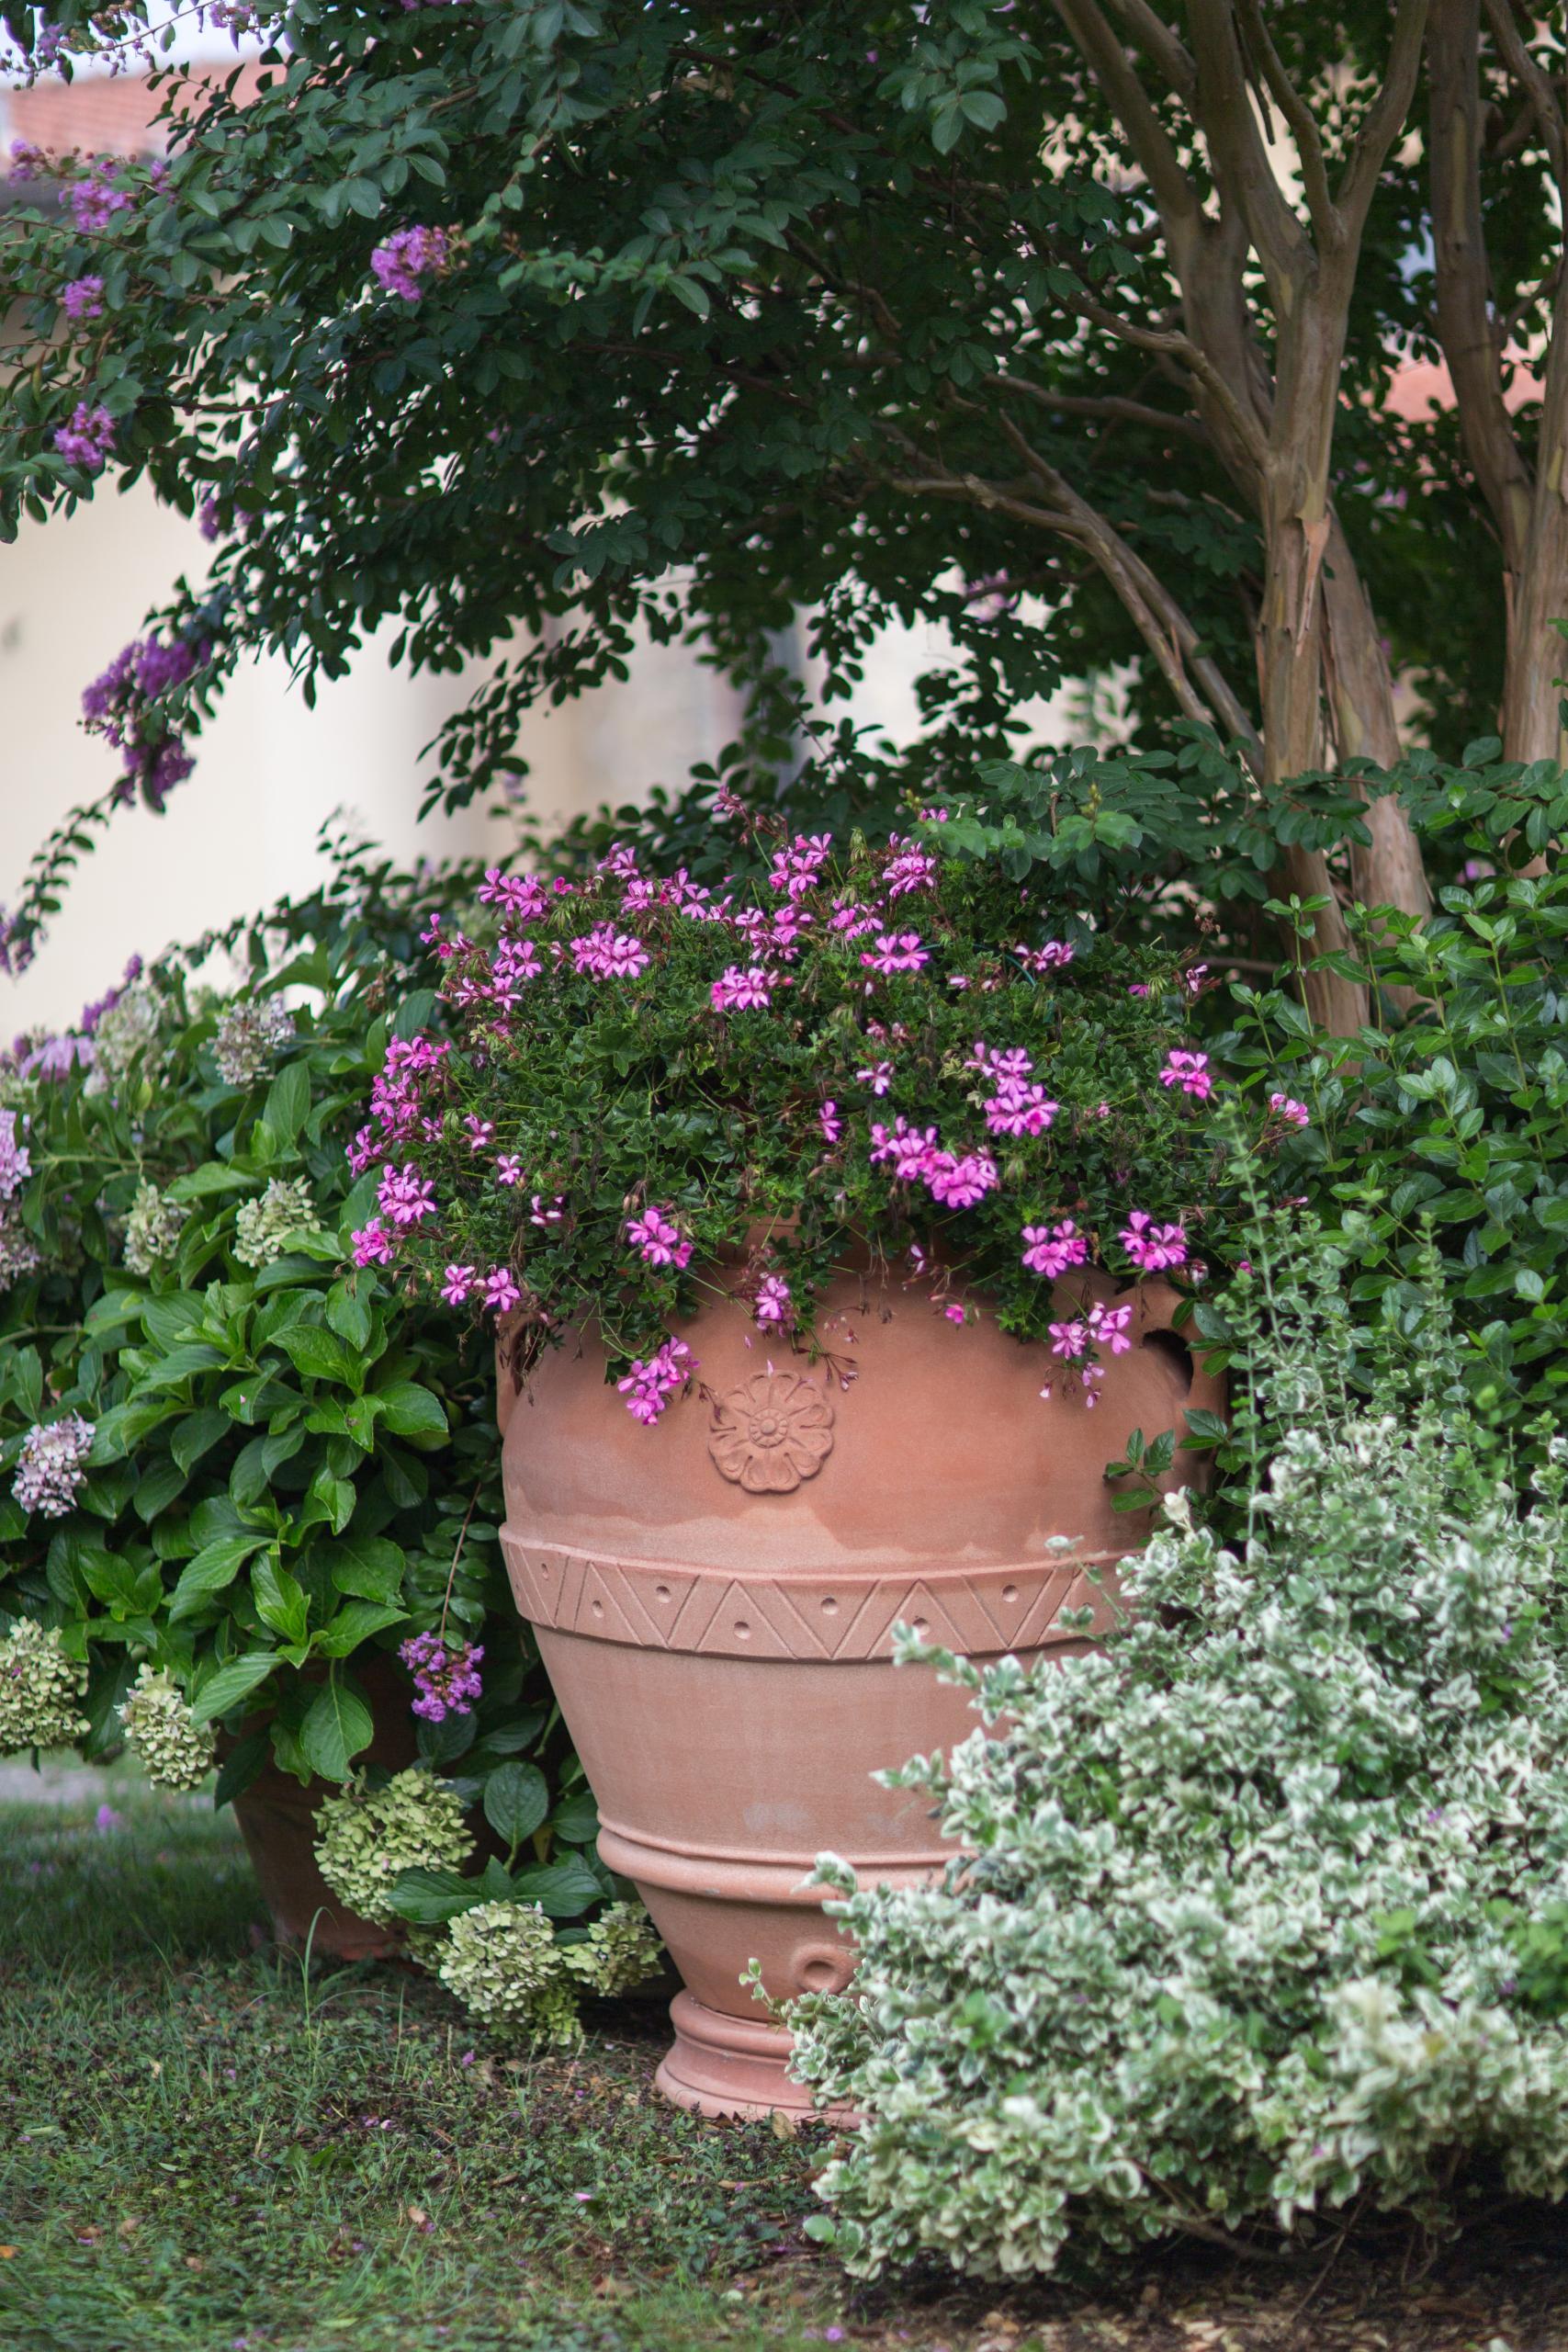 Garten verschönern mit wenig Geld - Übergröße Töpfe, Pflanzenkübel, Blumentöpfe